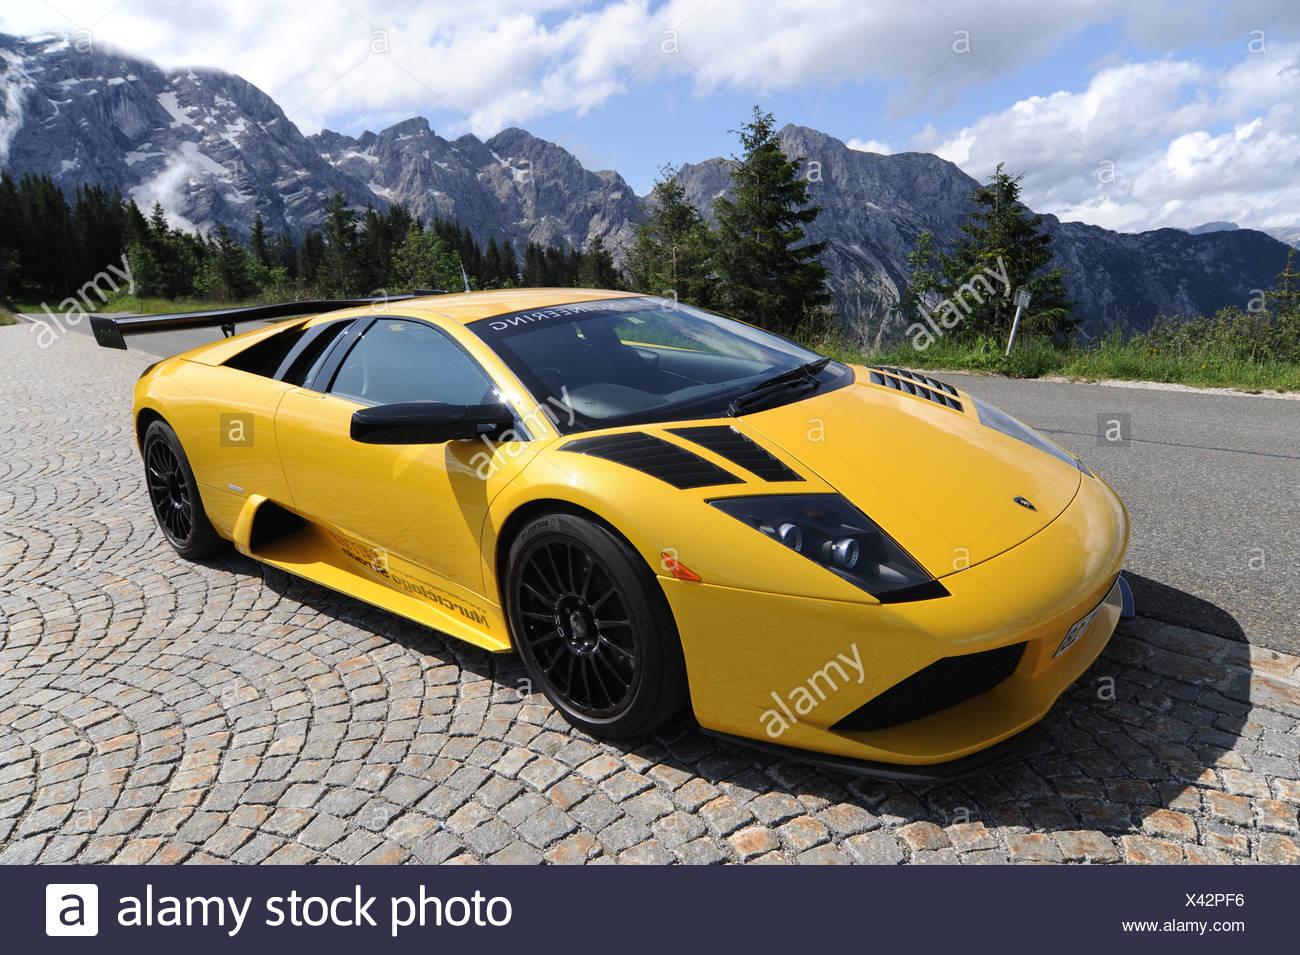 Reiter Lamborghini Murcielago Strada GT, Racing Car With Road Use  Homolgation, Bad Reichenhall,